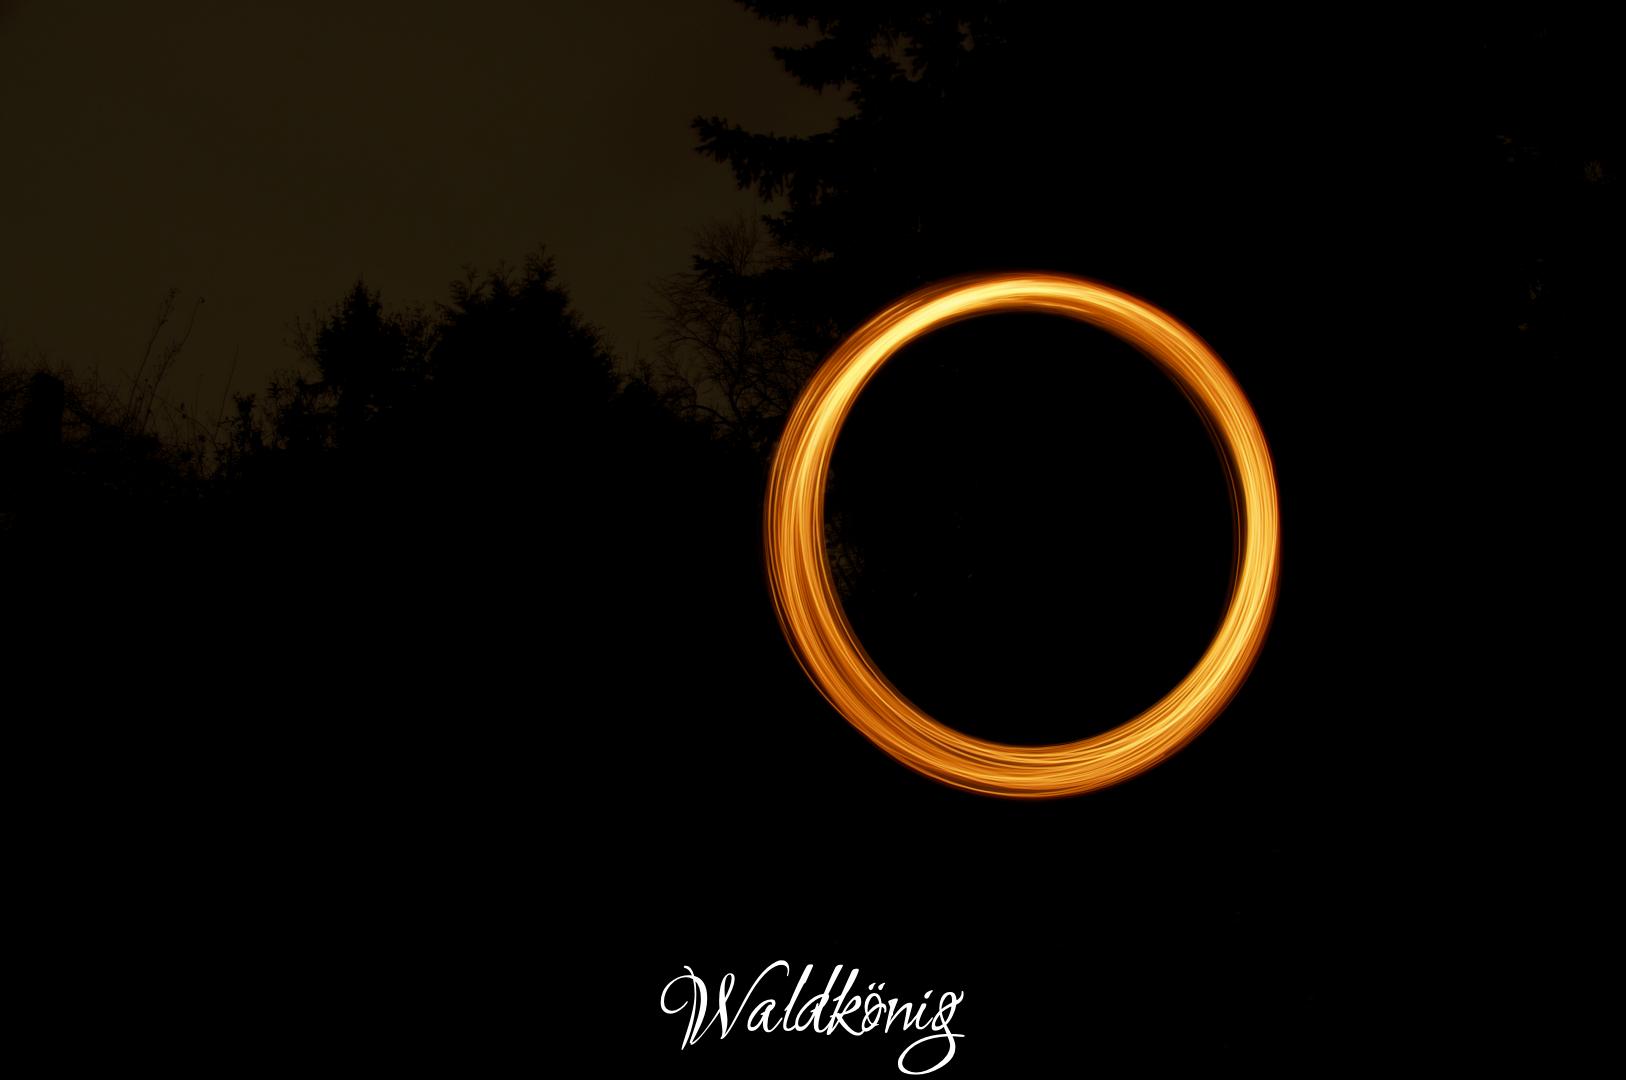 The Ring - Night SHot